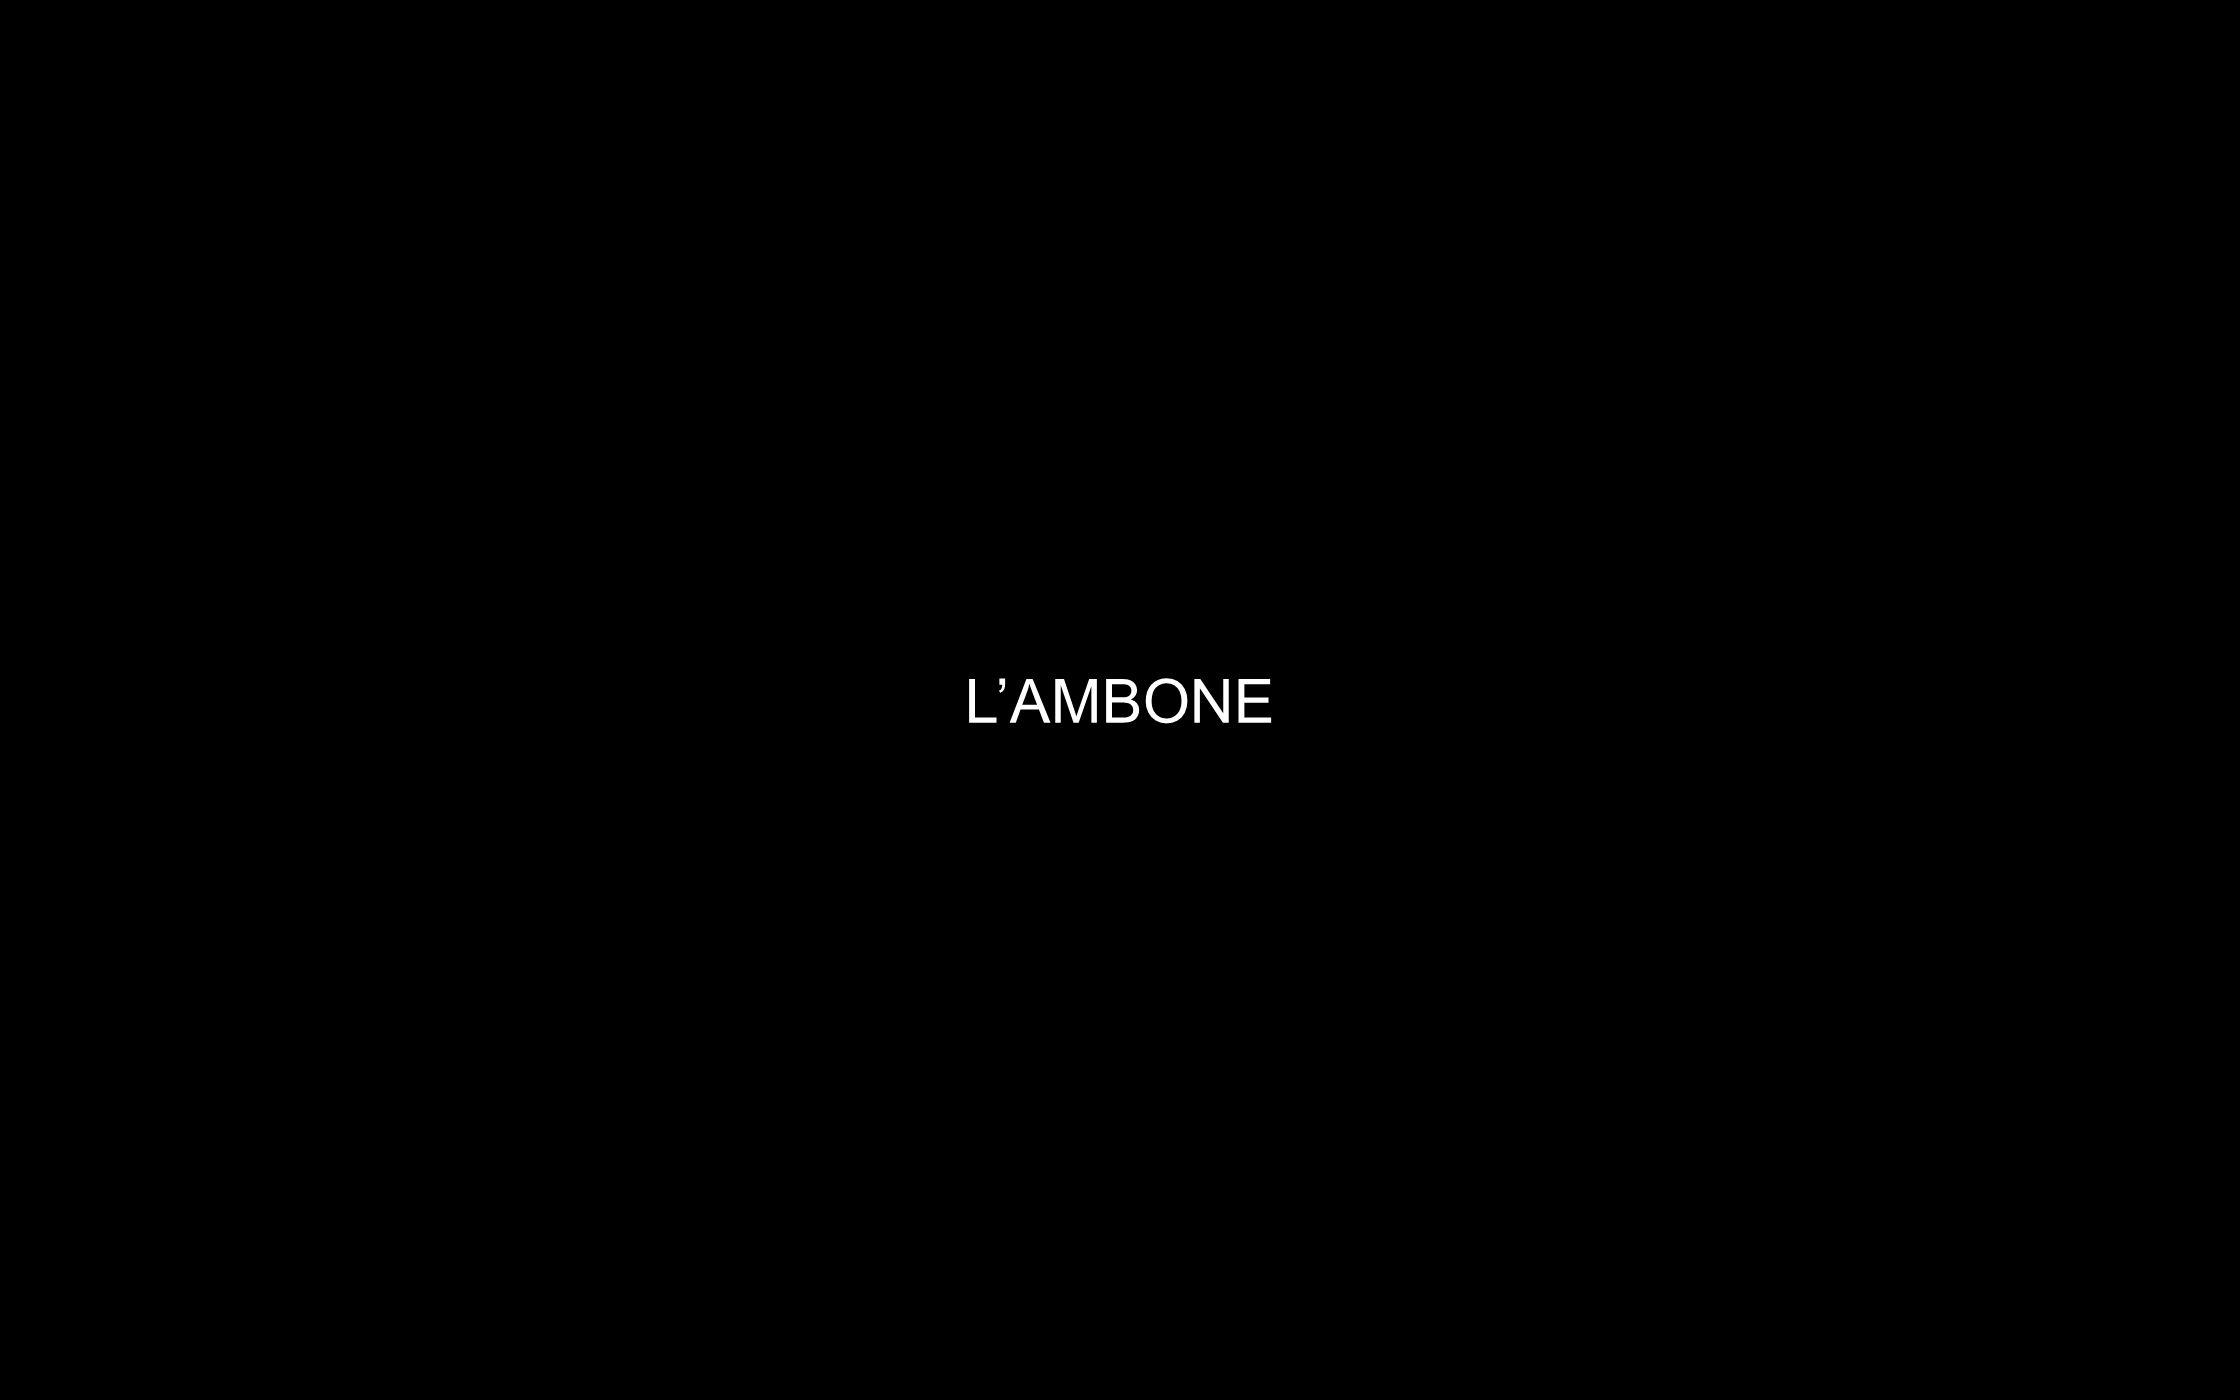 LAMBONE